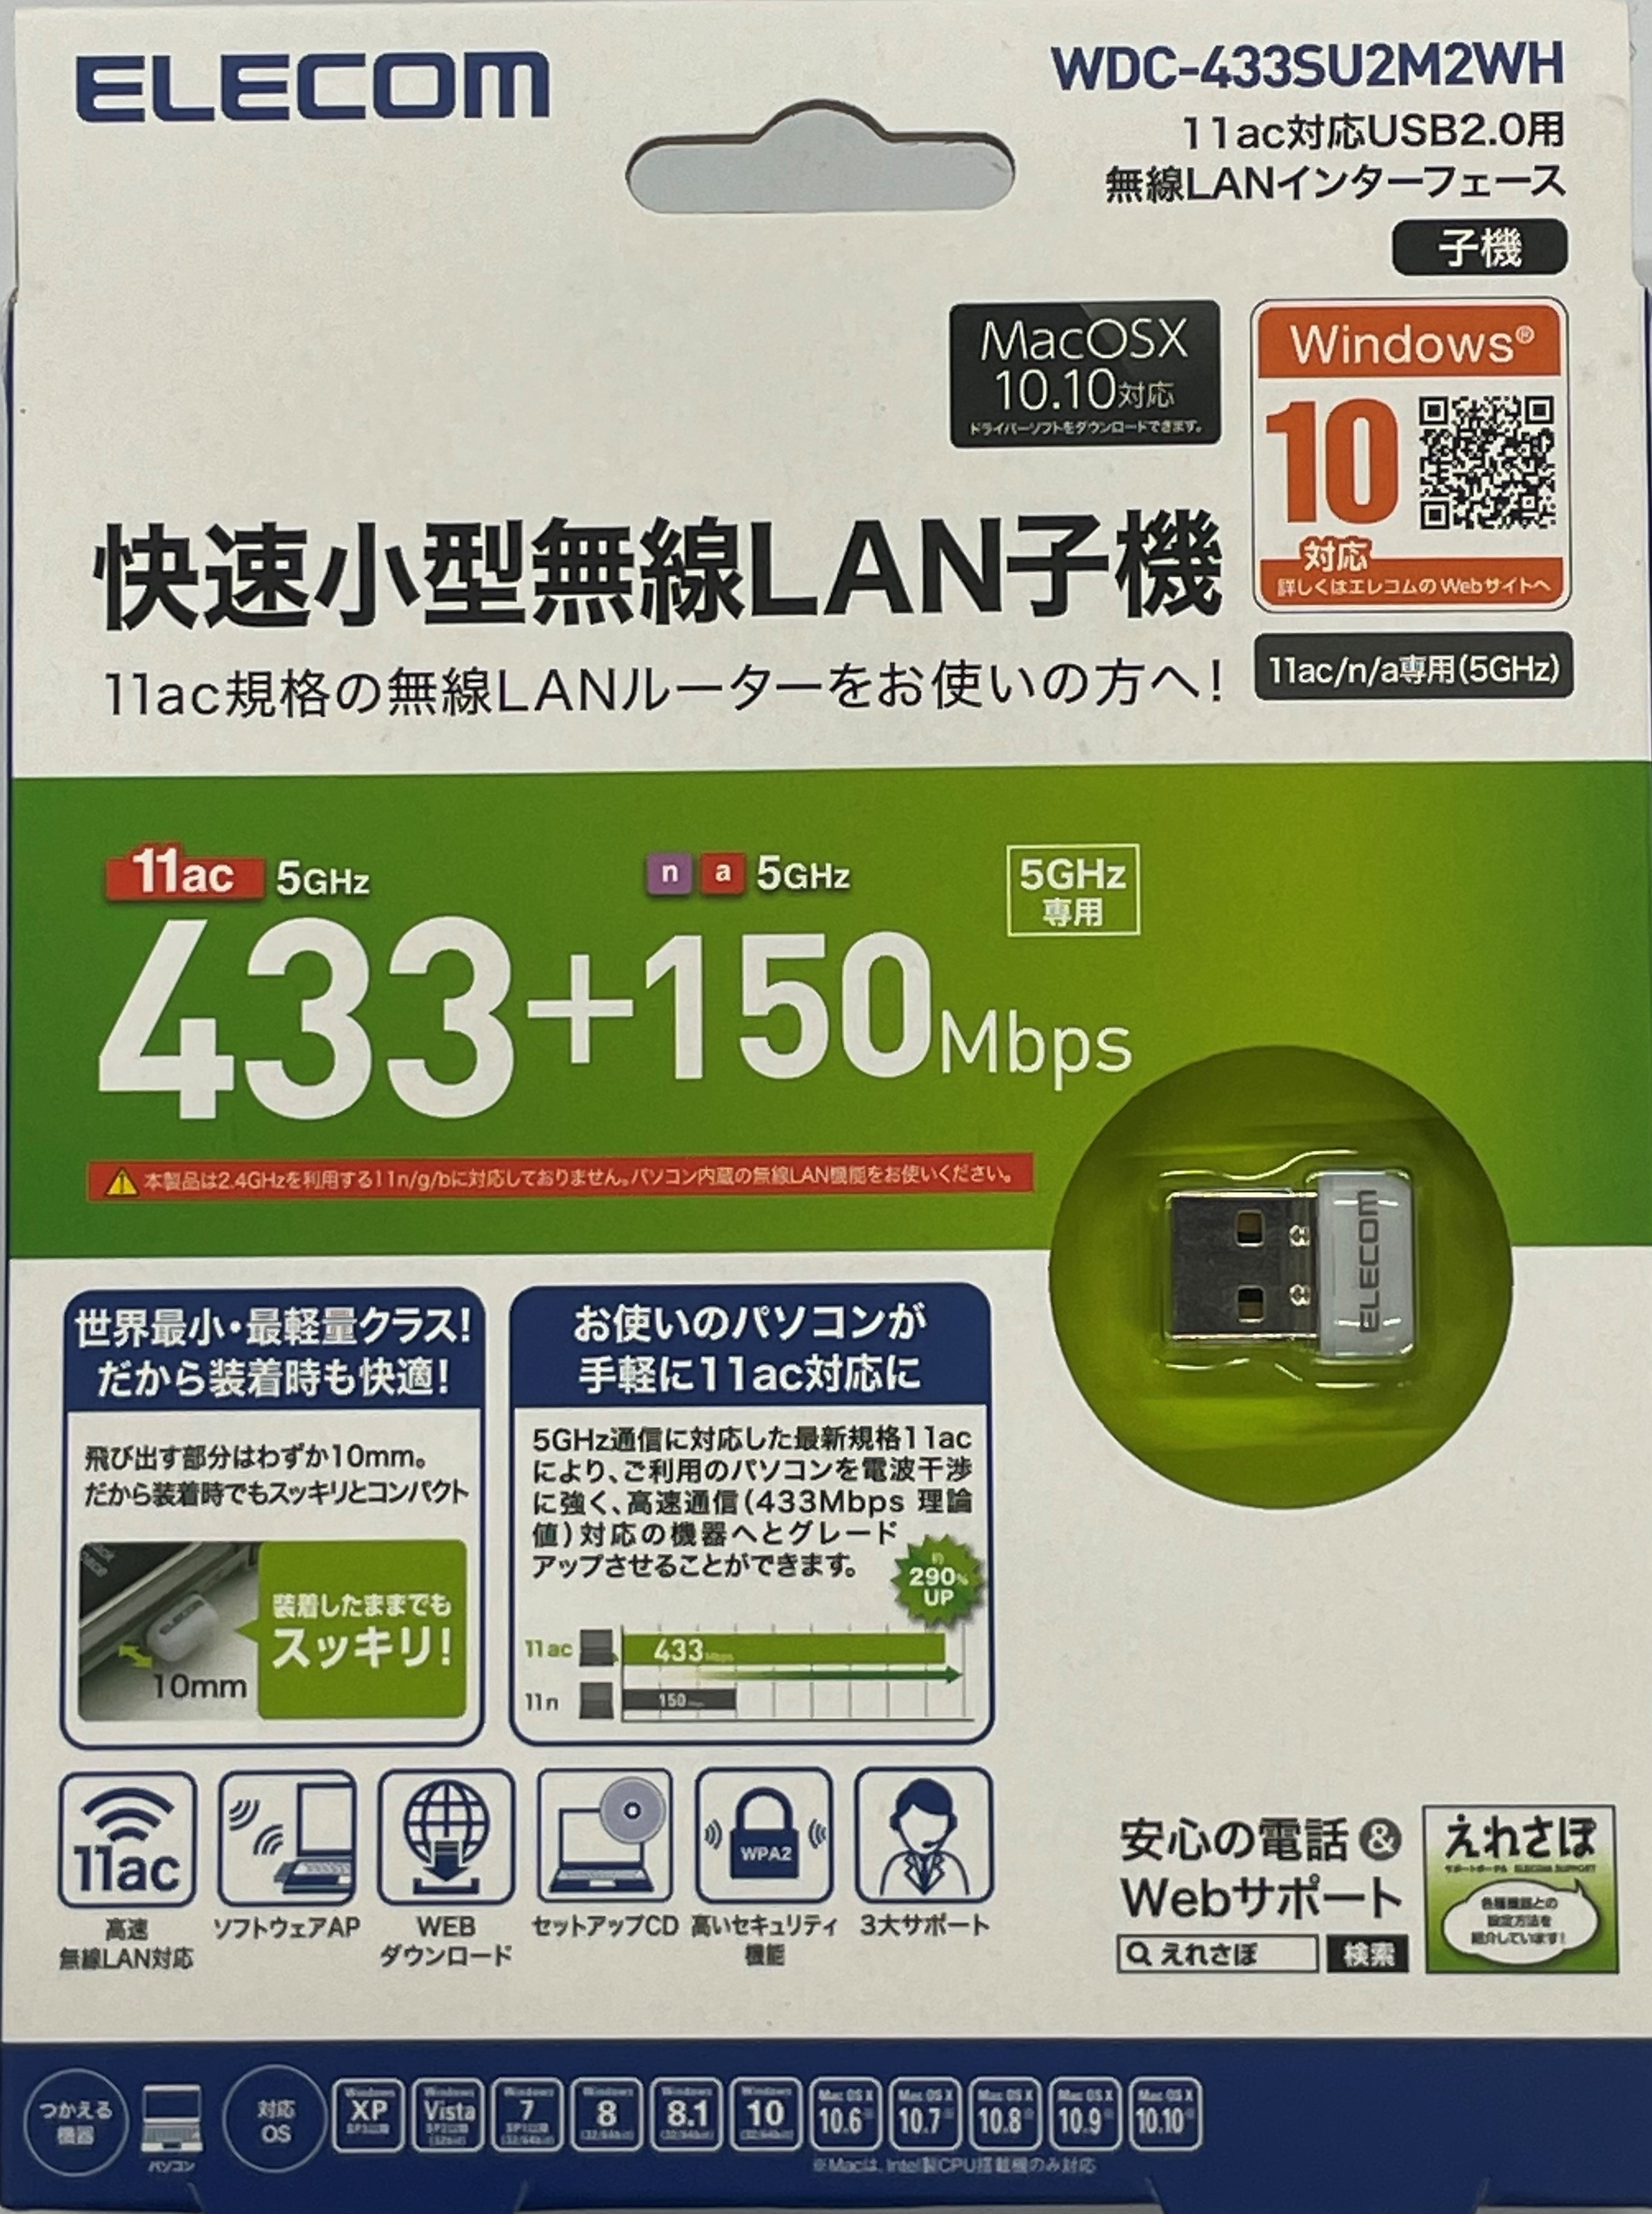 メーカー:エレコム ELECOM 発売日:2015年10月 在庫有 送料無料 エレコム 無線LAN 1個 433Mbps セール Wi-Fi 11ac ドングル WDC-433SU2M2WH 交換無料 アダプタ